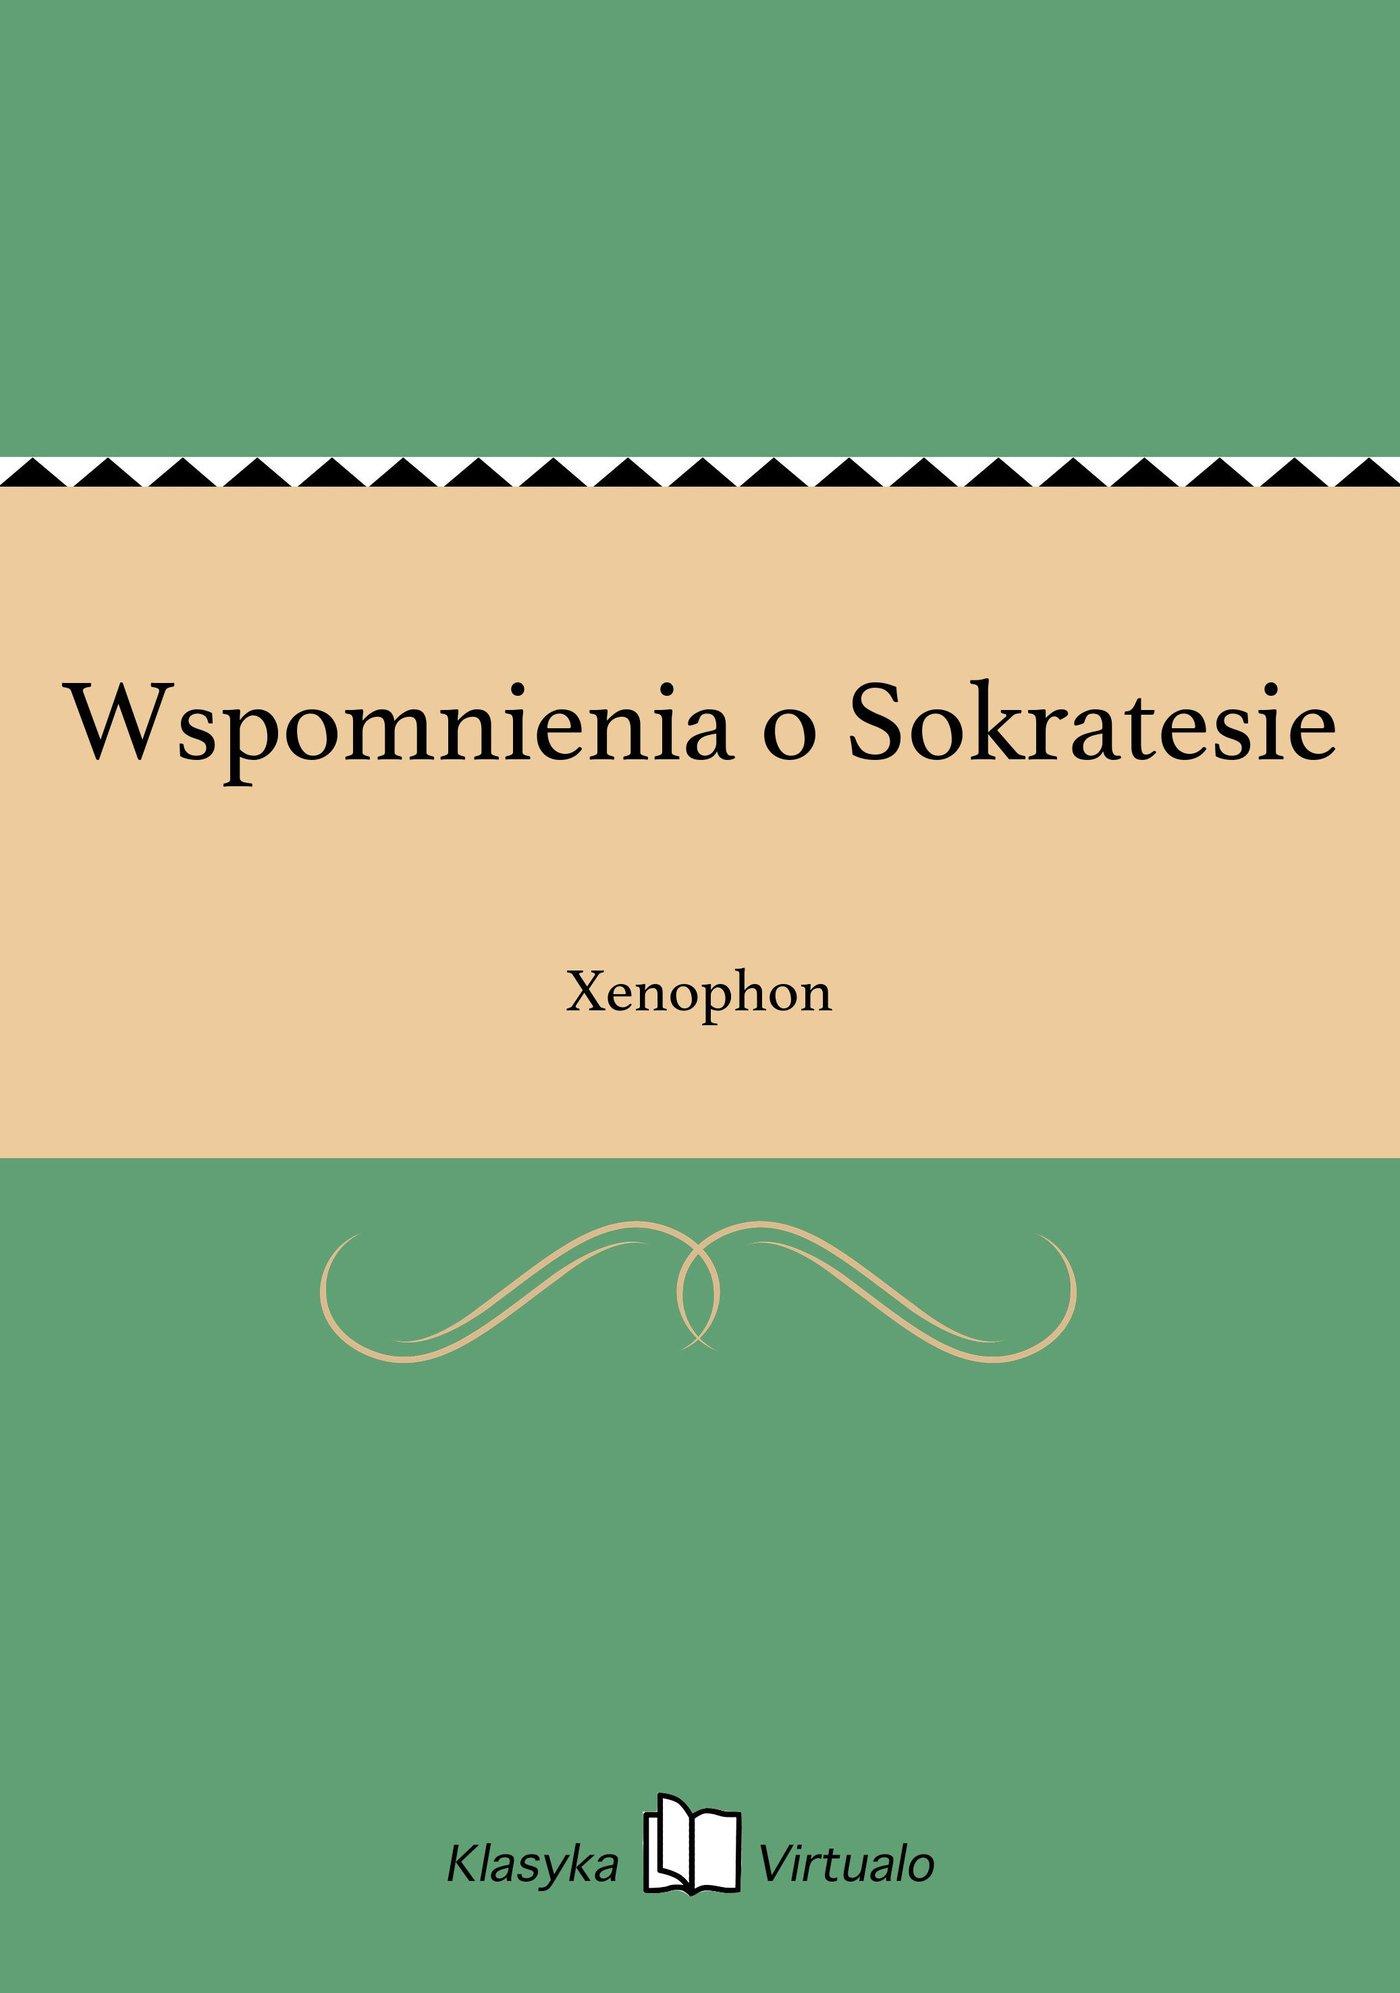 Wspomnienia o Sokratesie - Ebook (Książka EPUB) do pobrania w formacie EPUB